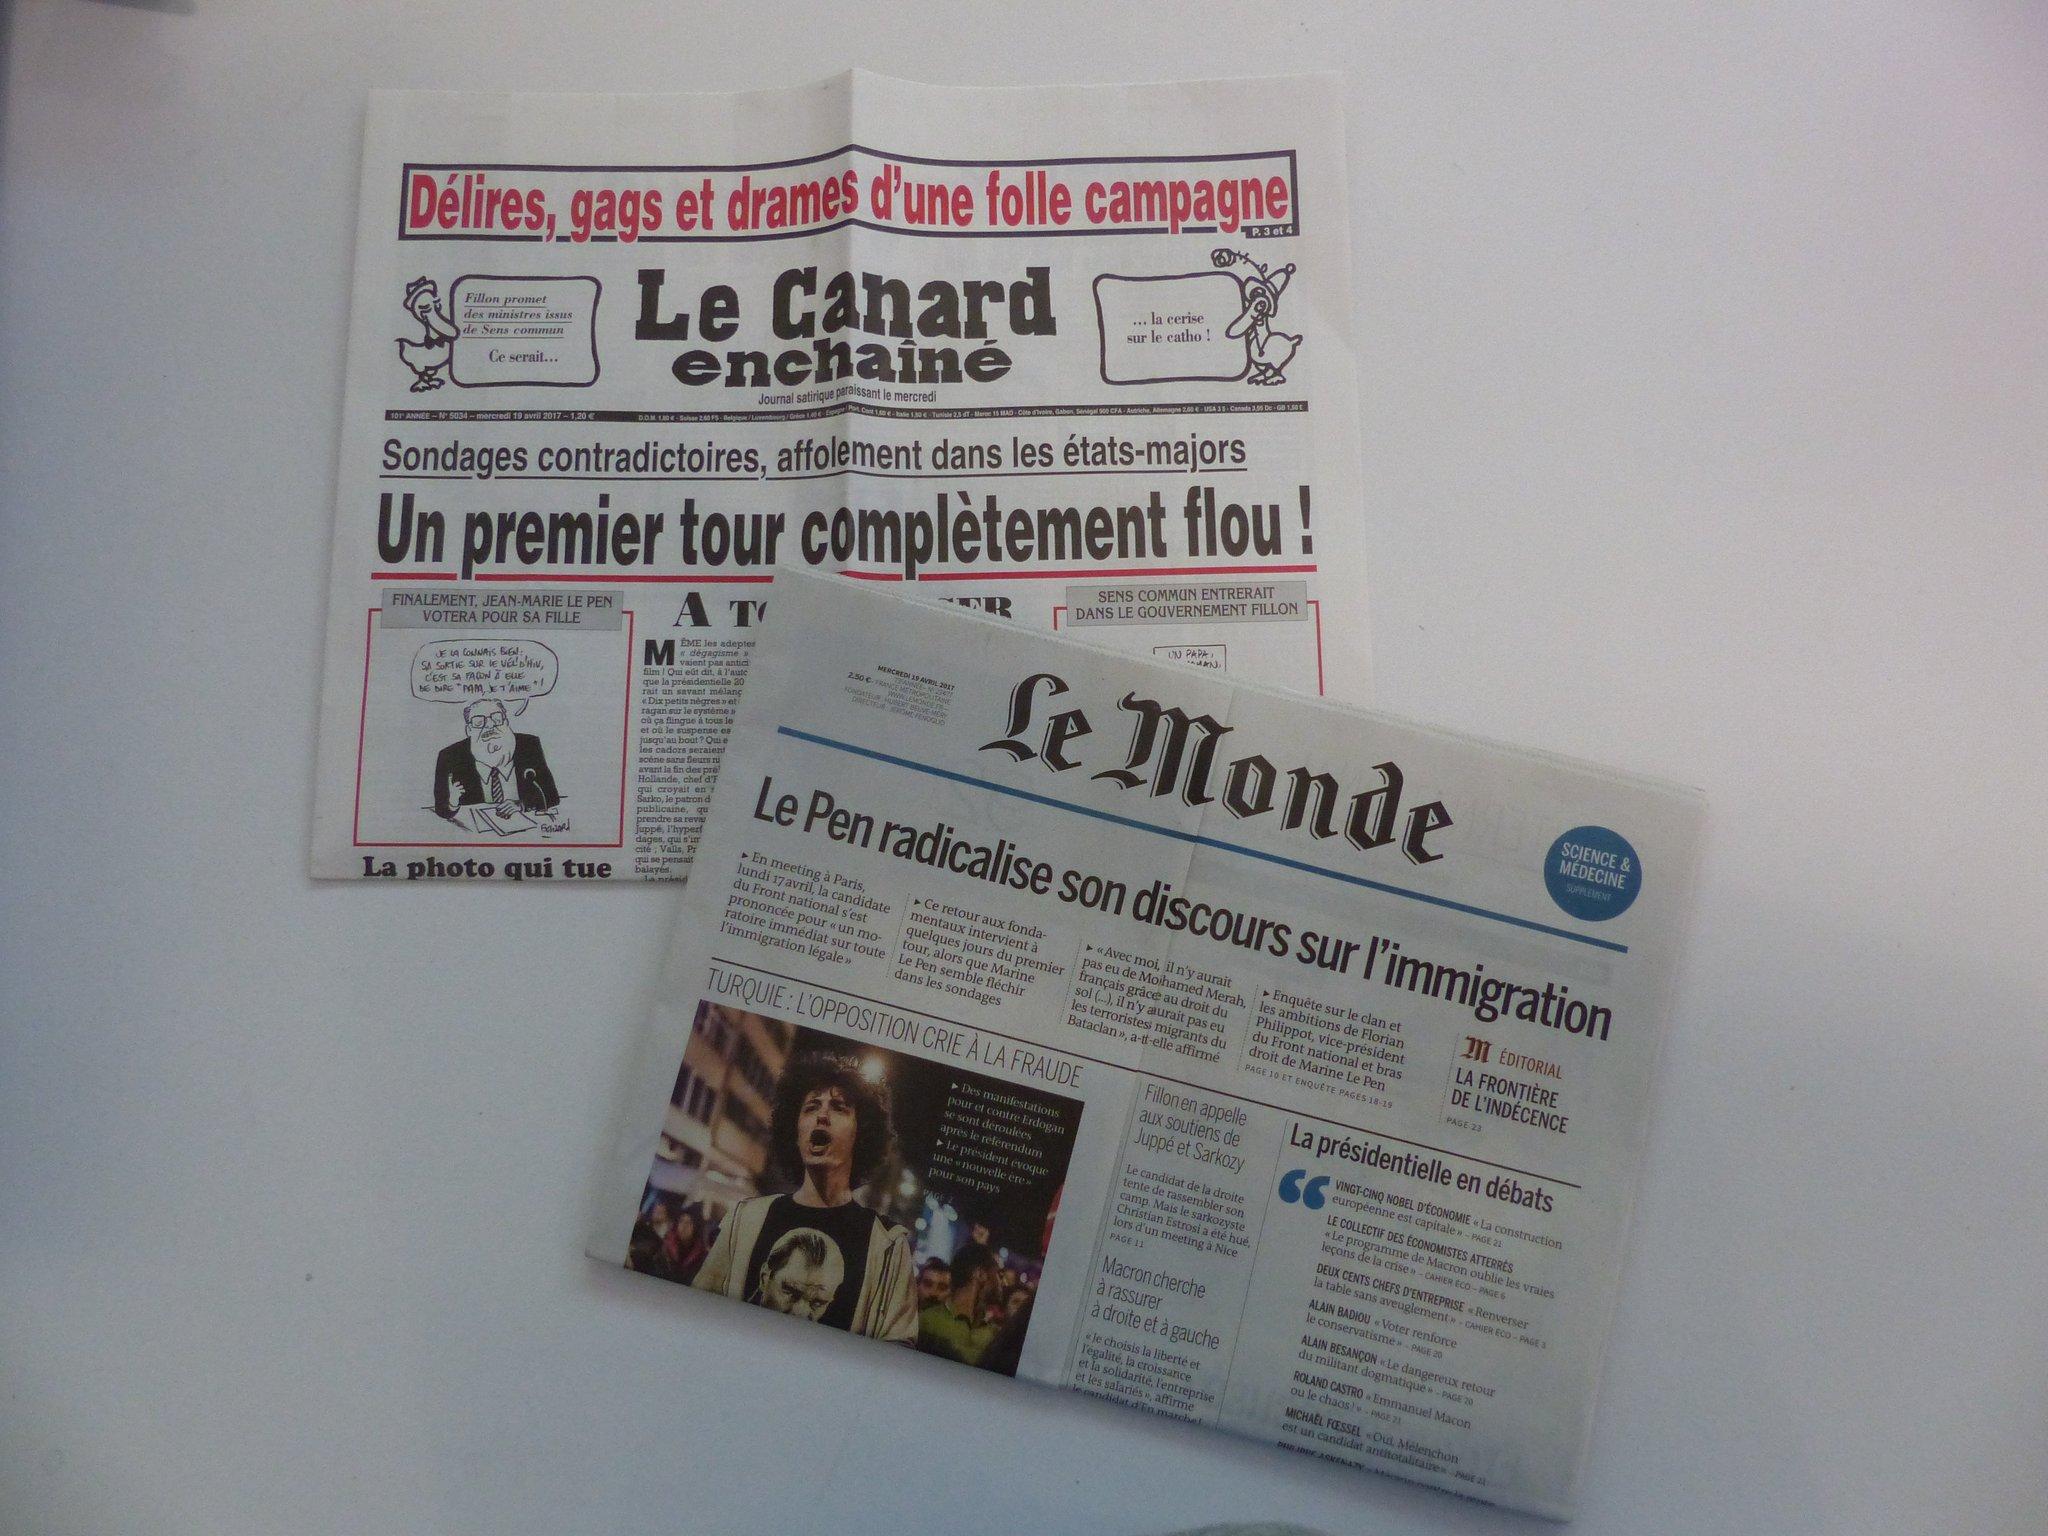 .@BibCentraleLyon poursuit la présentation de la #presse d'actu en lien avec la #présidentielle @lemondefr. RV #CitoyenECL à l'espace presse https://t.co/hgwJtETsLb